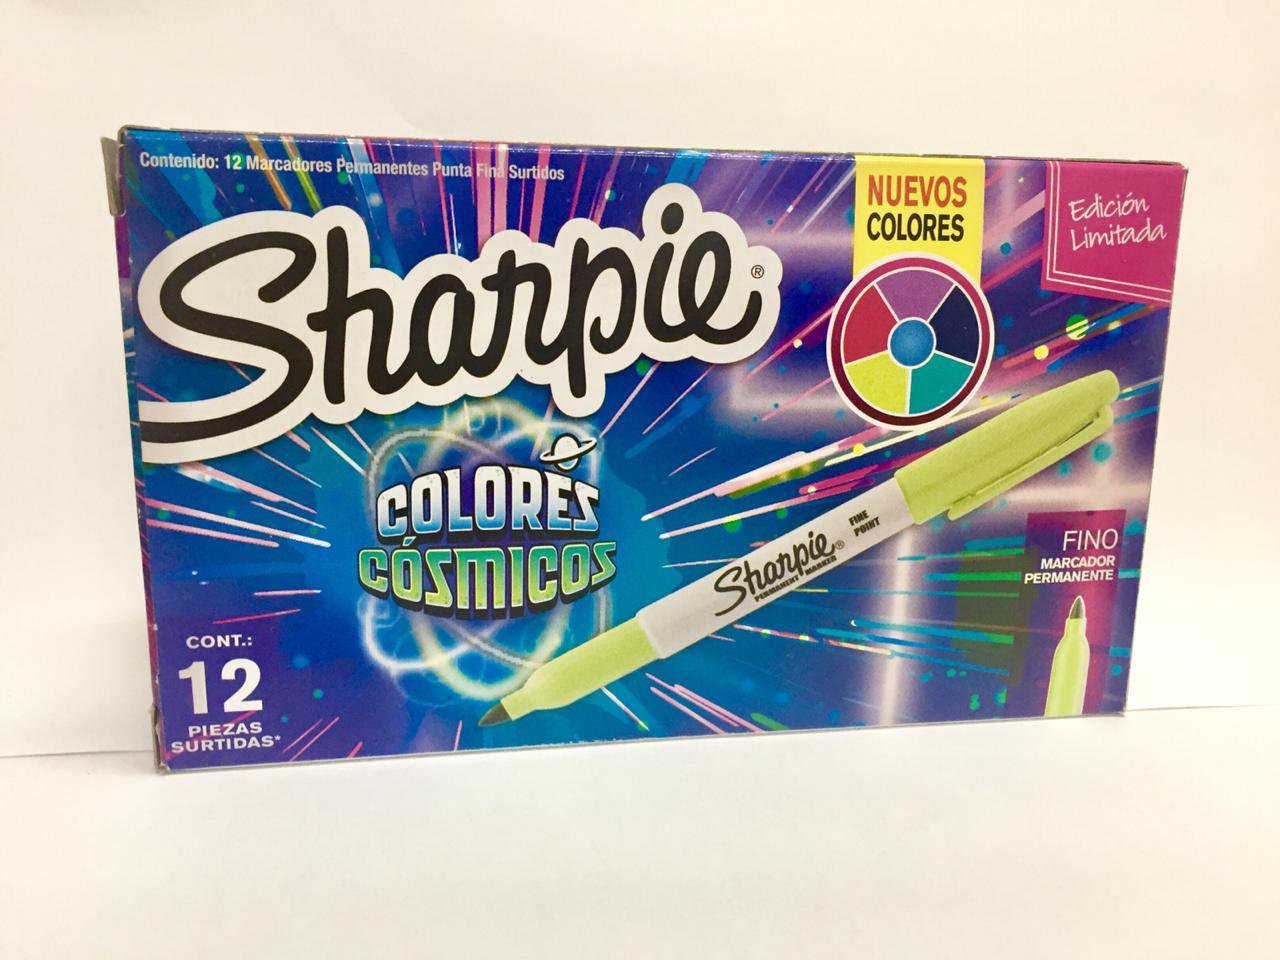 Marcador Permanente Sharpie Cosmic Colors Caixa C/12